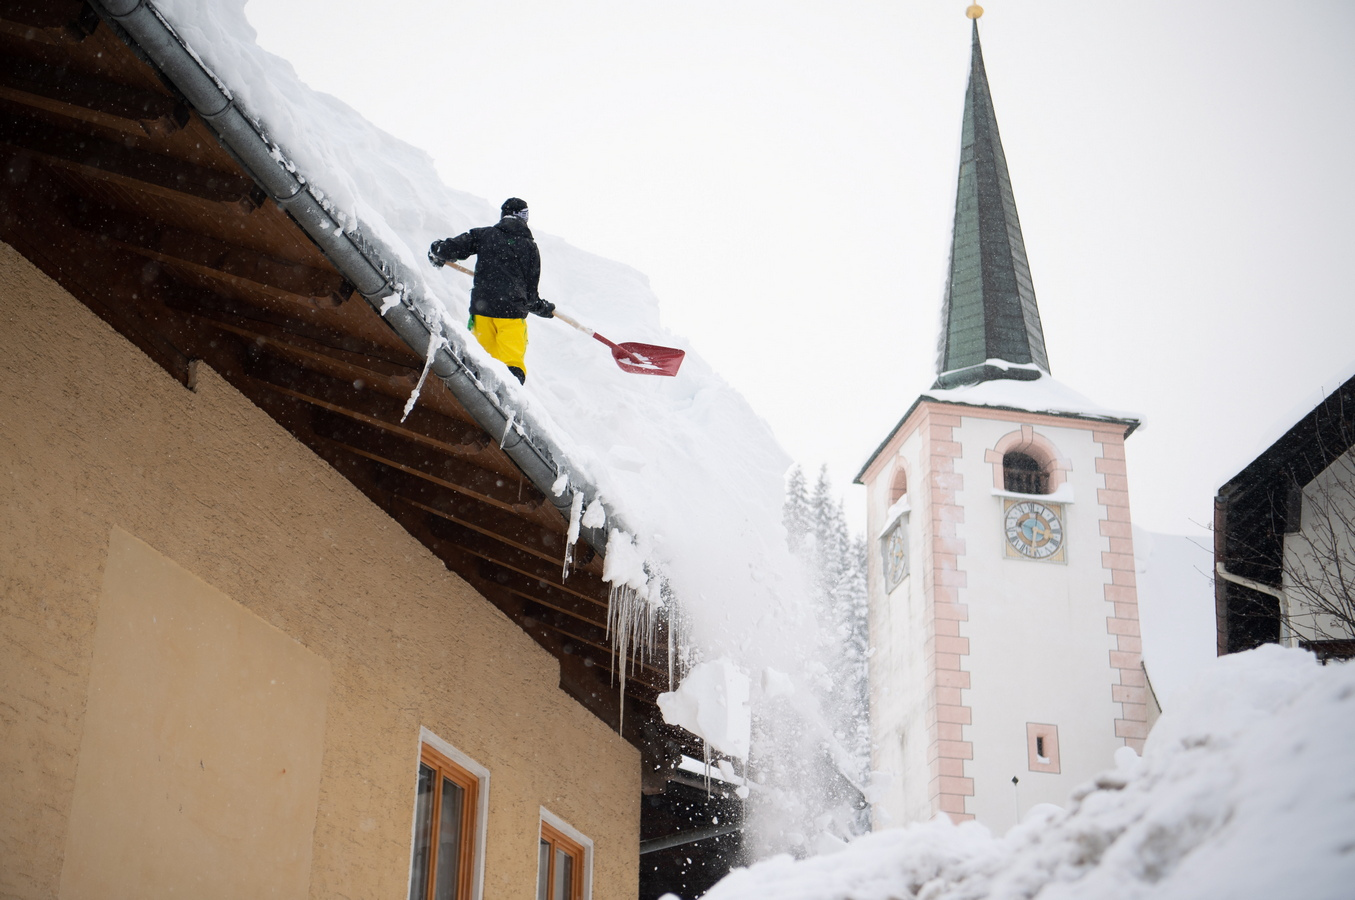 В Австрия стотици жители остават по домовете си поради блокираните пътища, а някои райони са без ток, след като натежали от сняг дървета прекъснаха електропроводи.